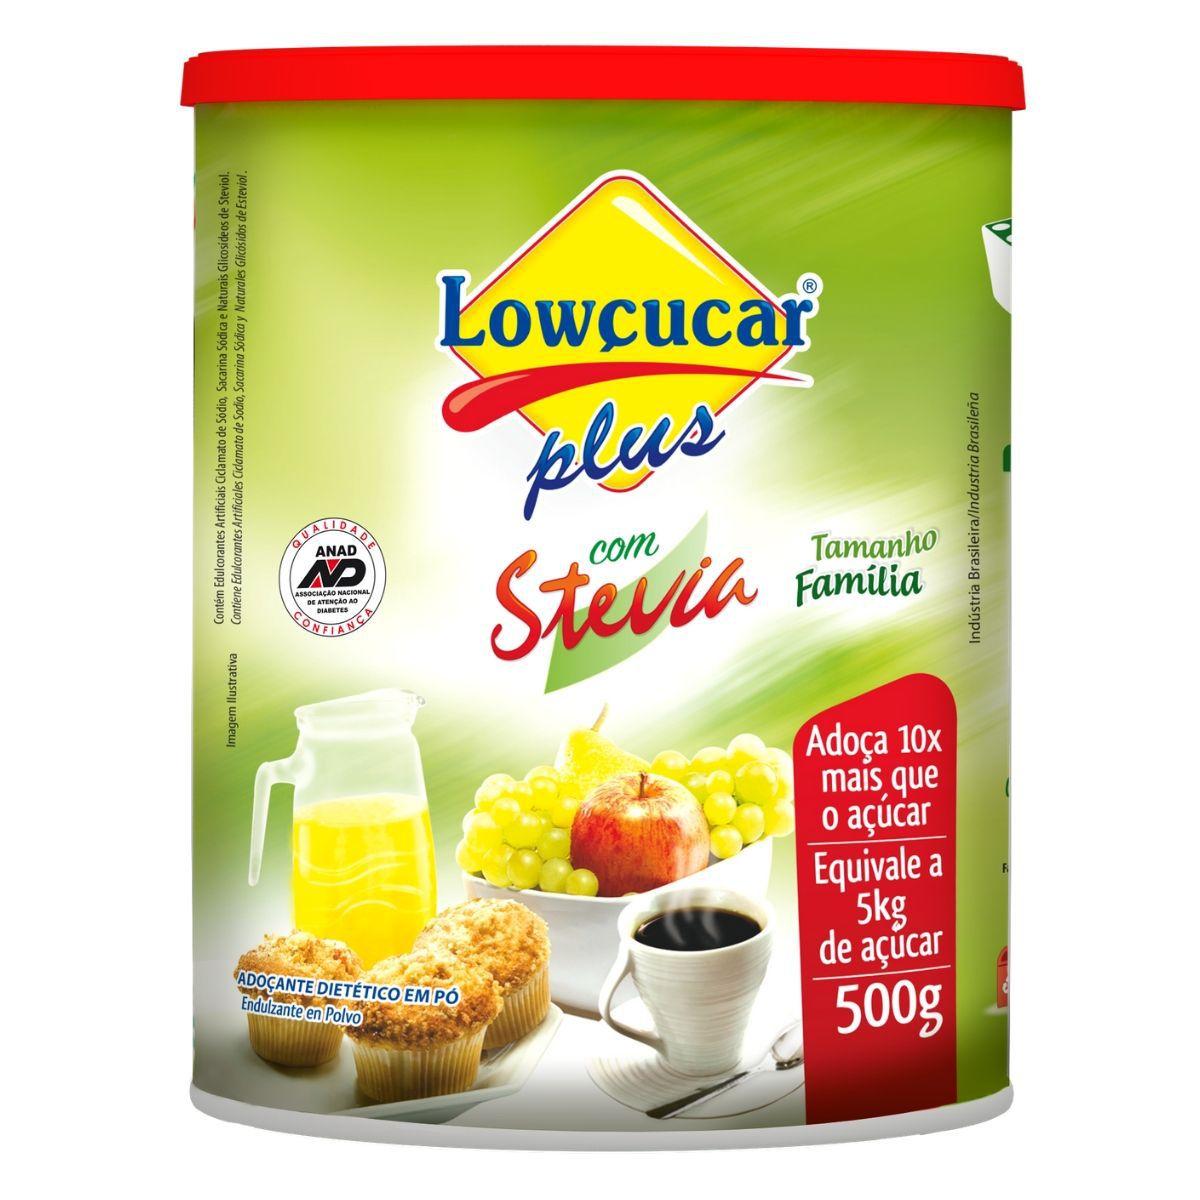 Adoçante Em Pó C/ Stevia 500g - Lowçucar Plus